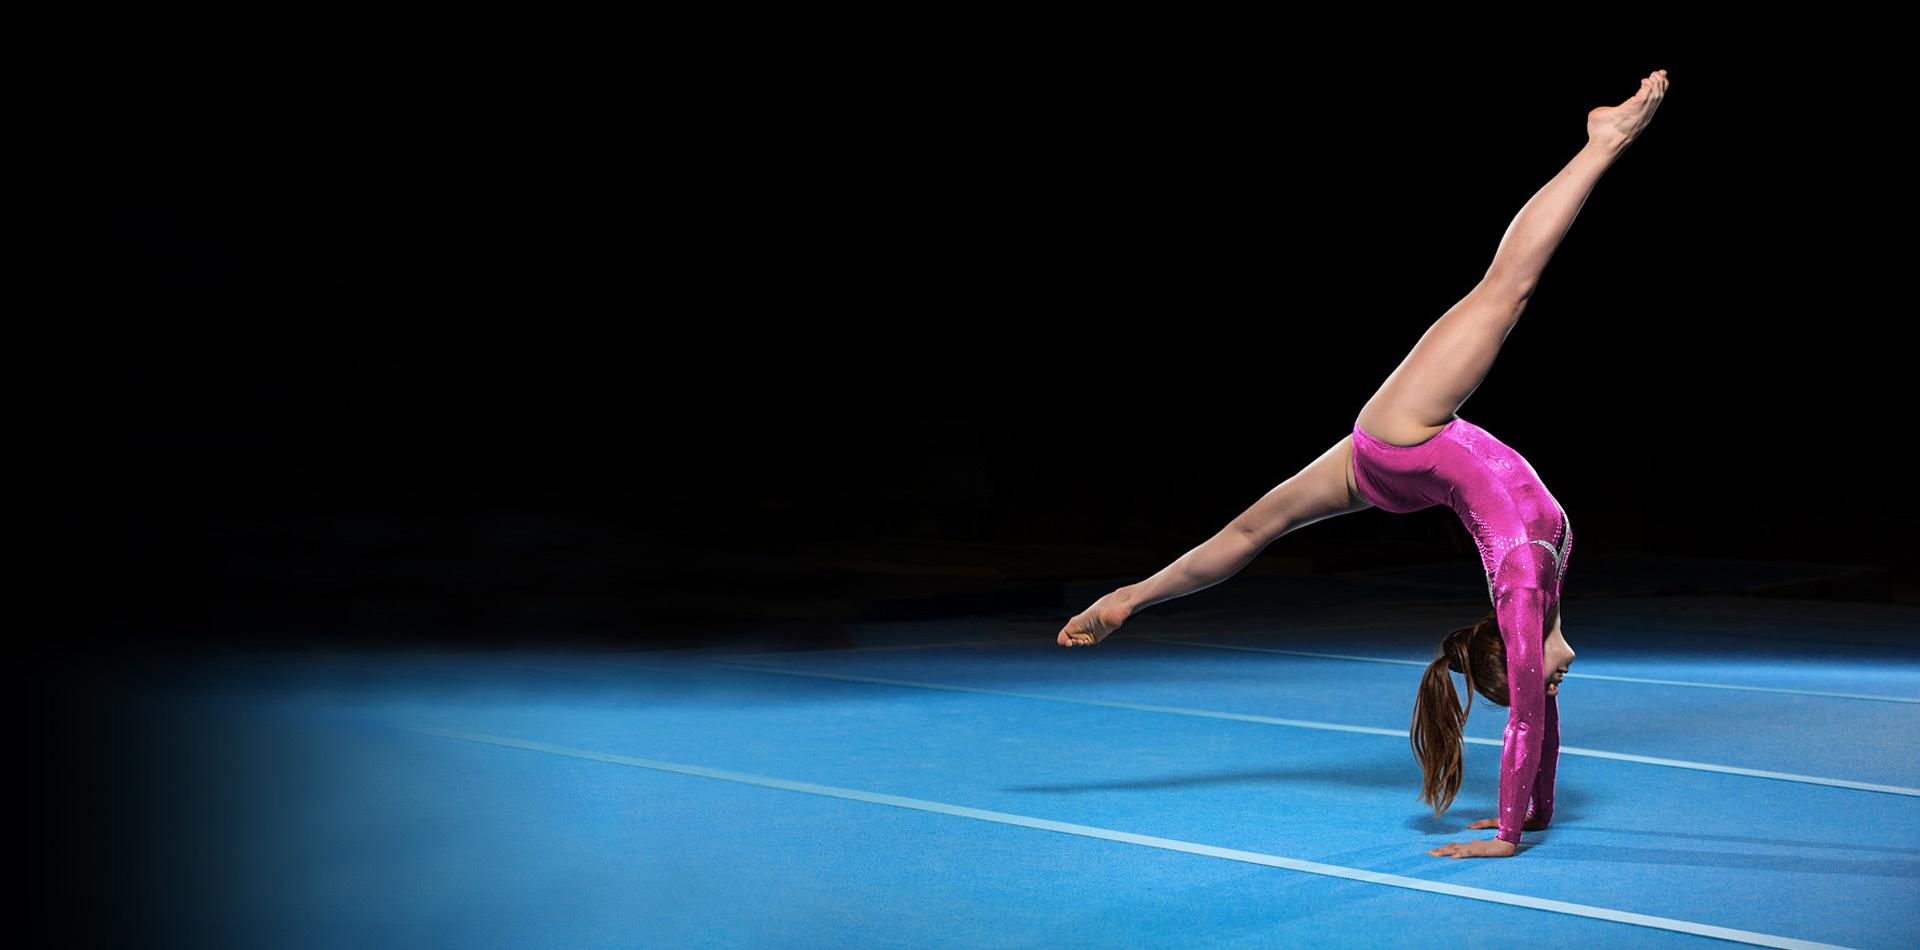 New Heights Athletics Gymnastics